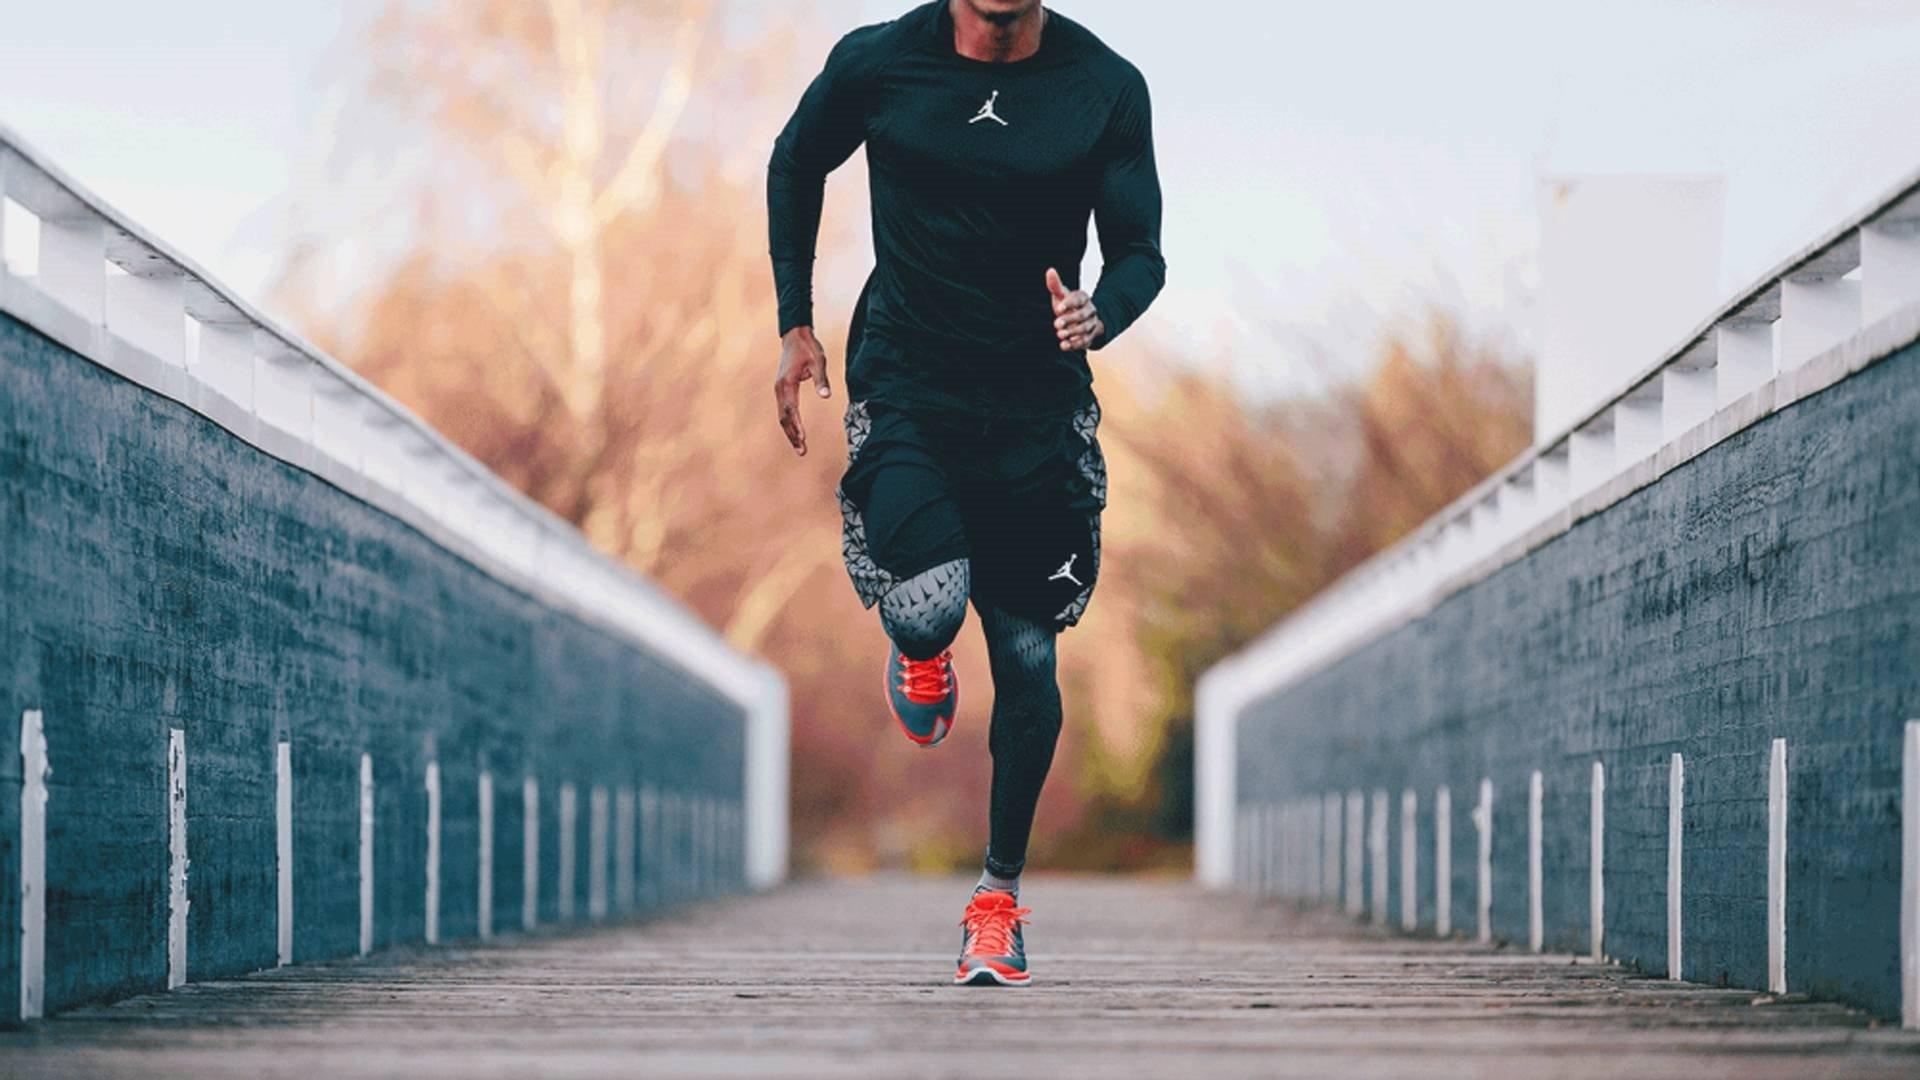 Running Wallpaper Free